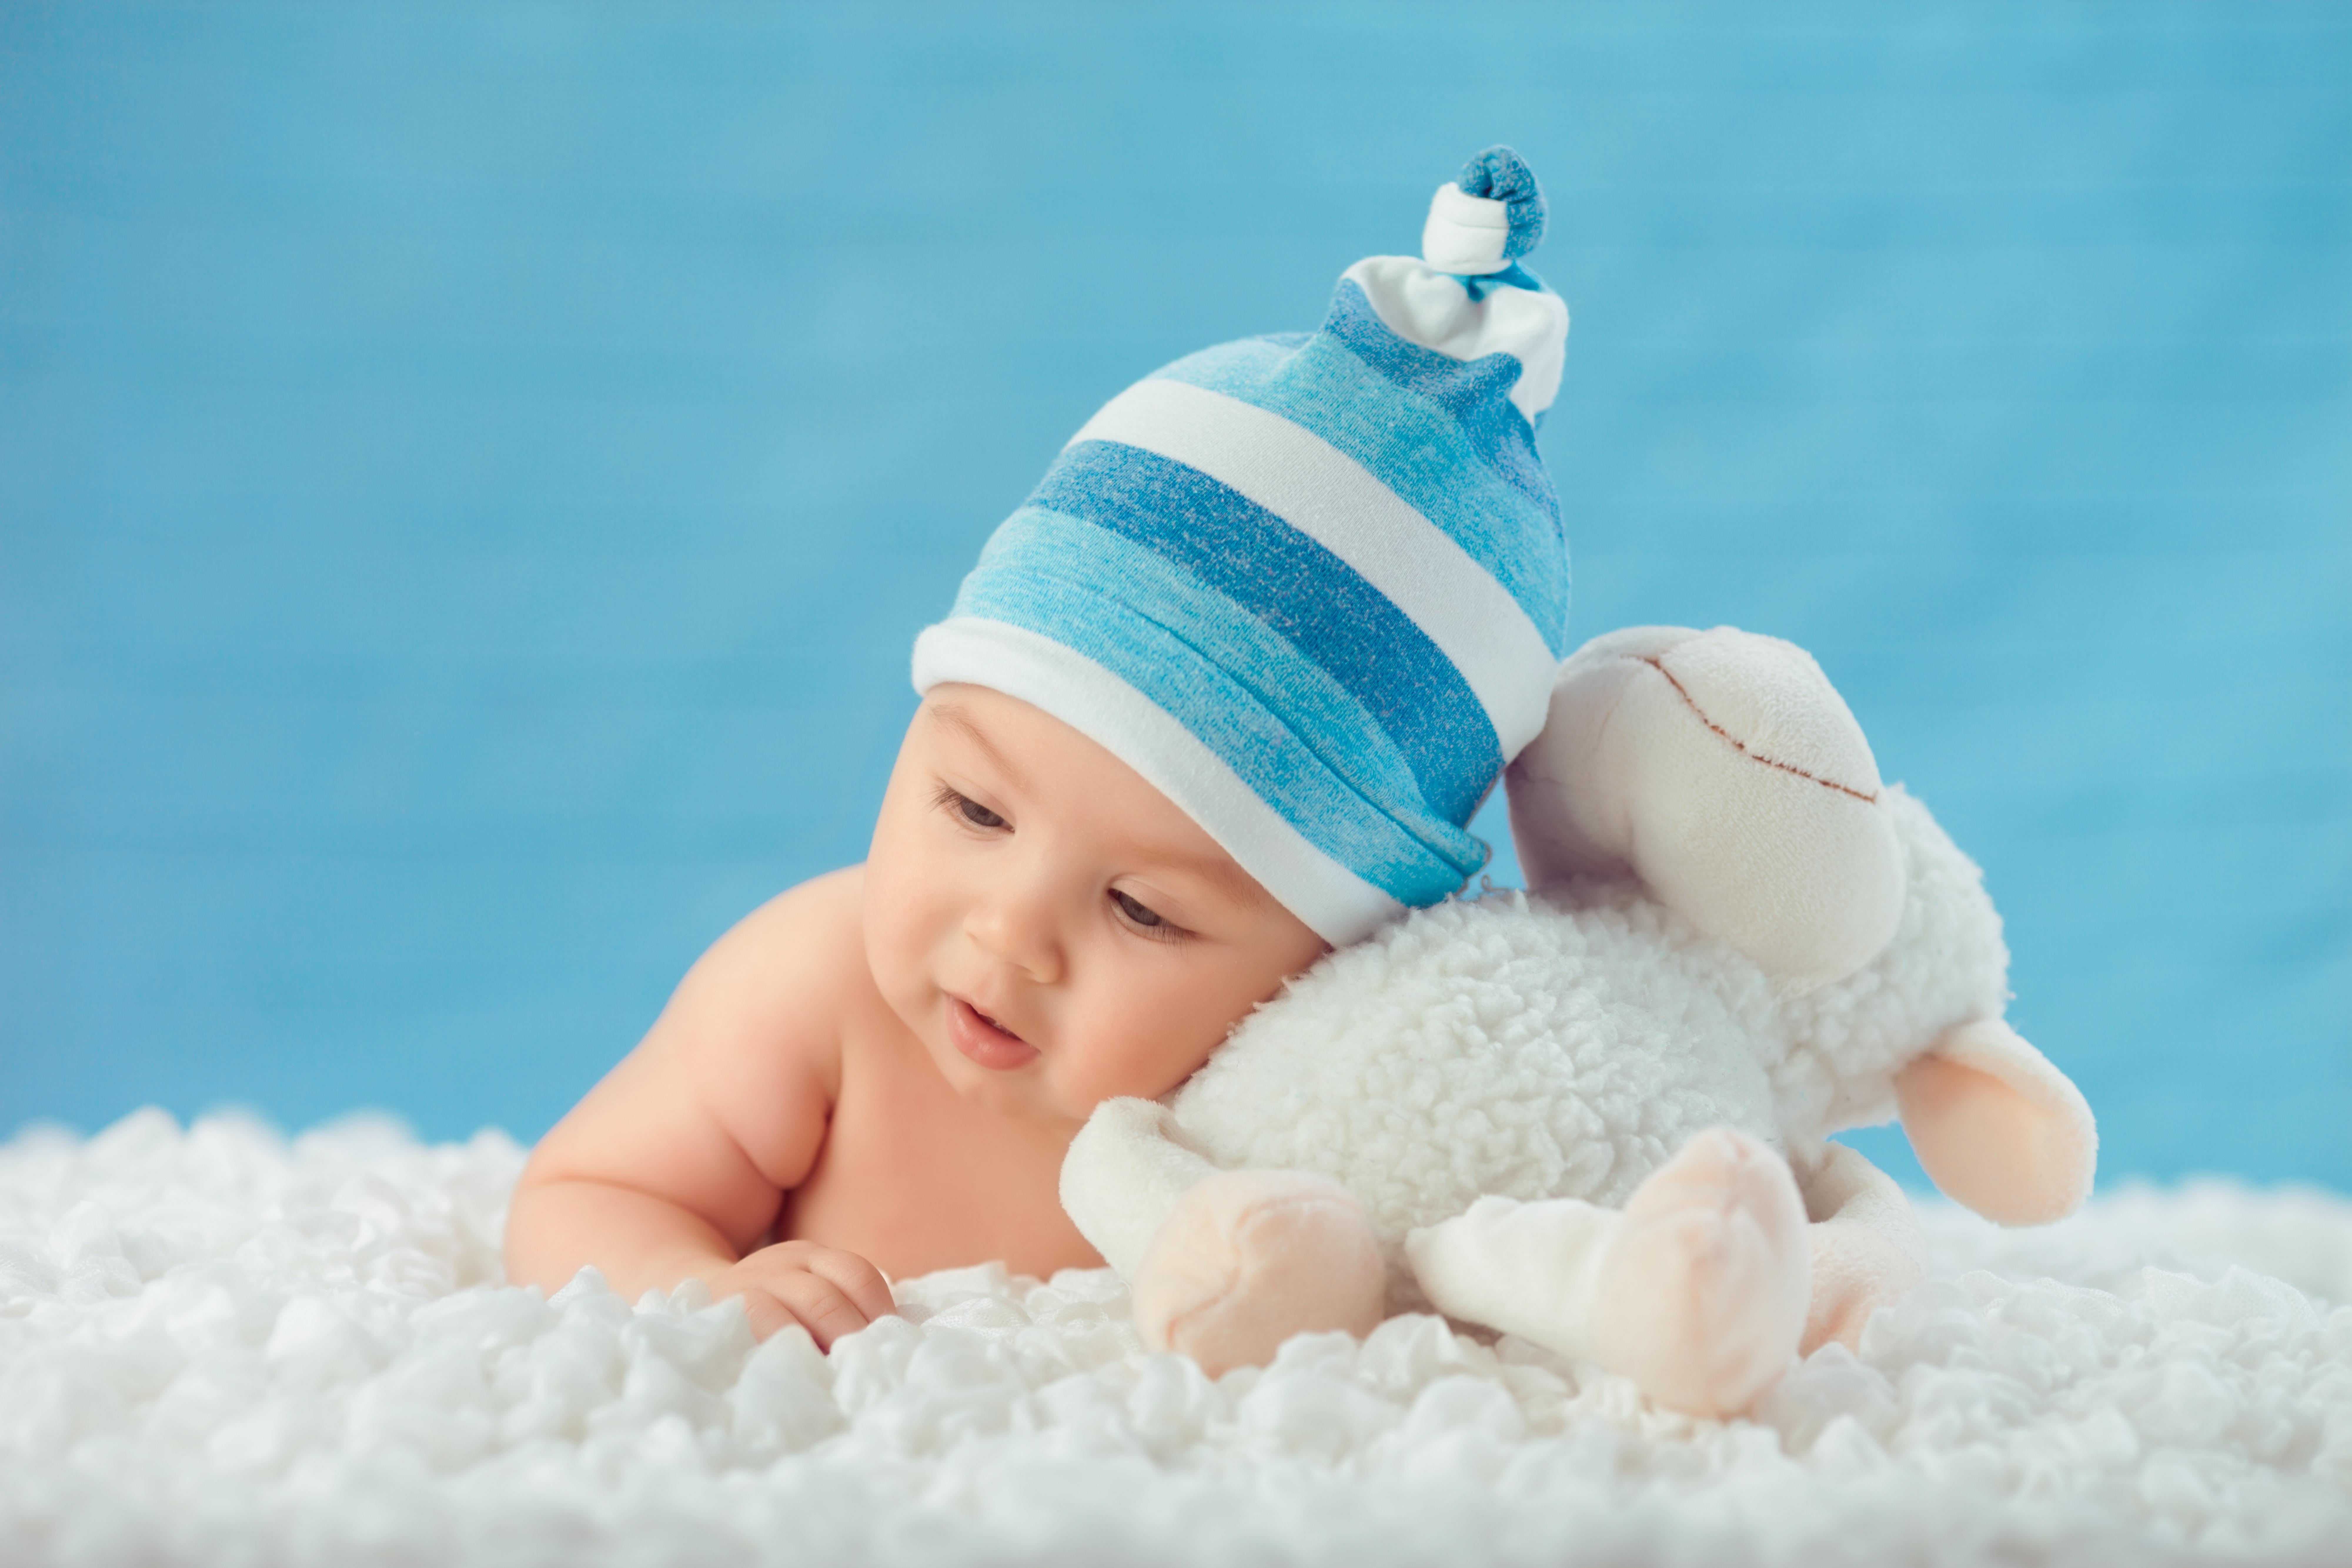 Поздравление свадьбу, картинка для новорожденного мальчика красивое